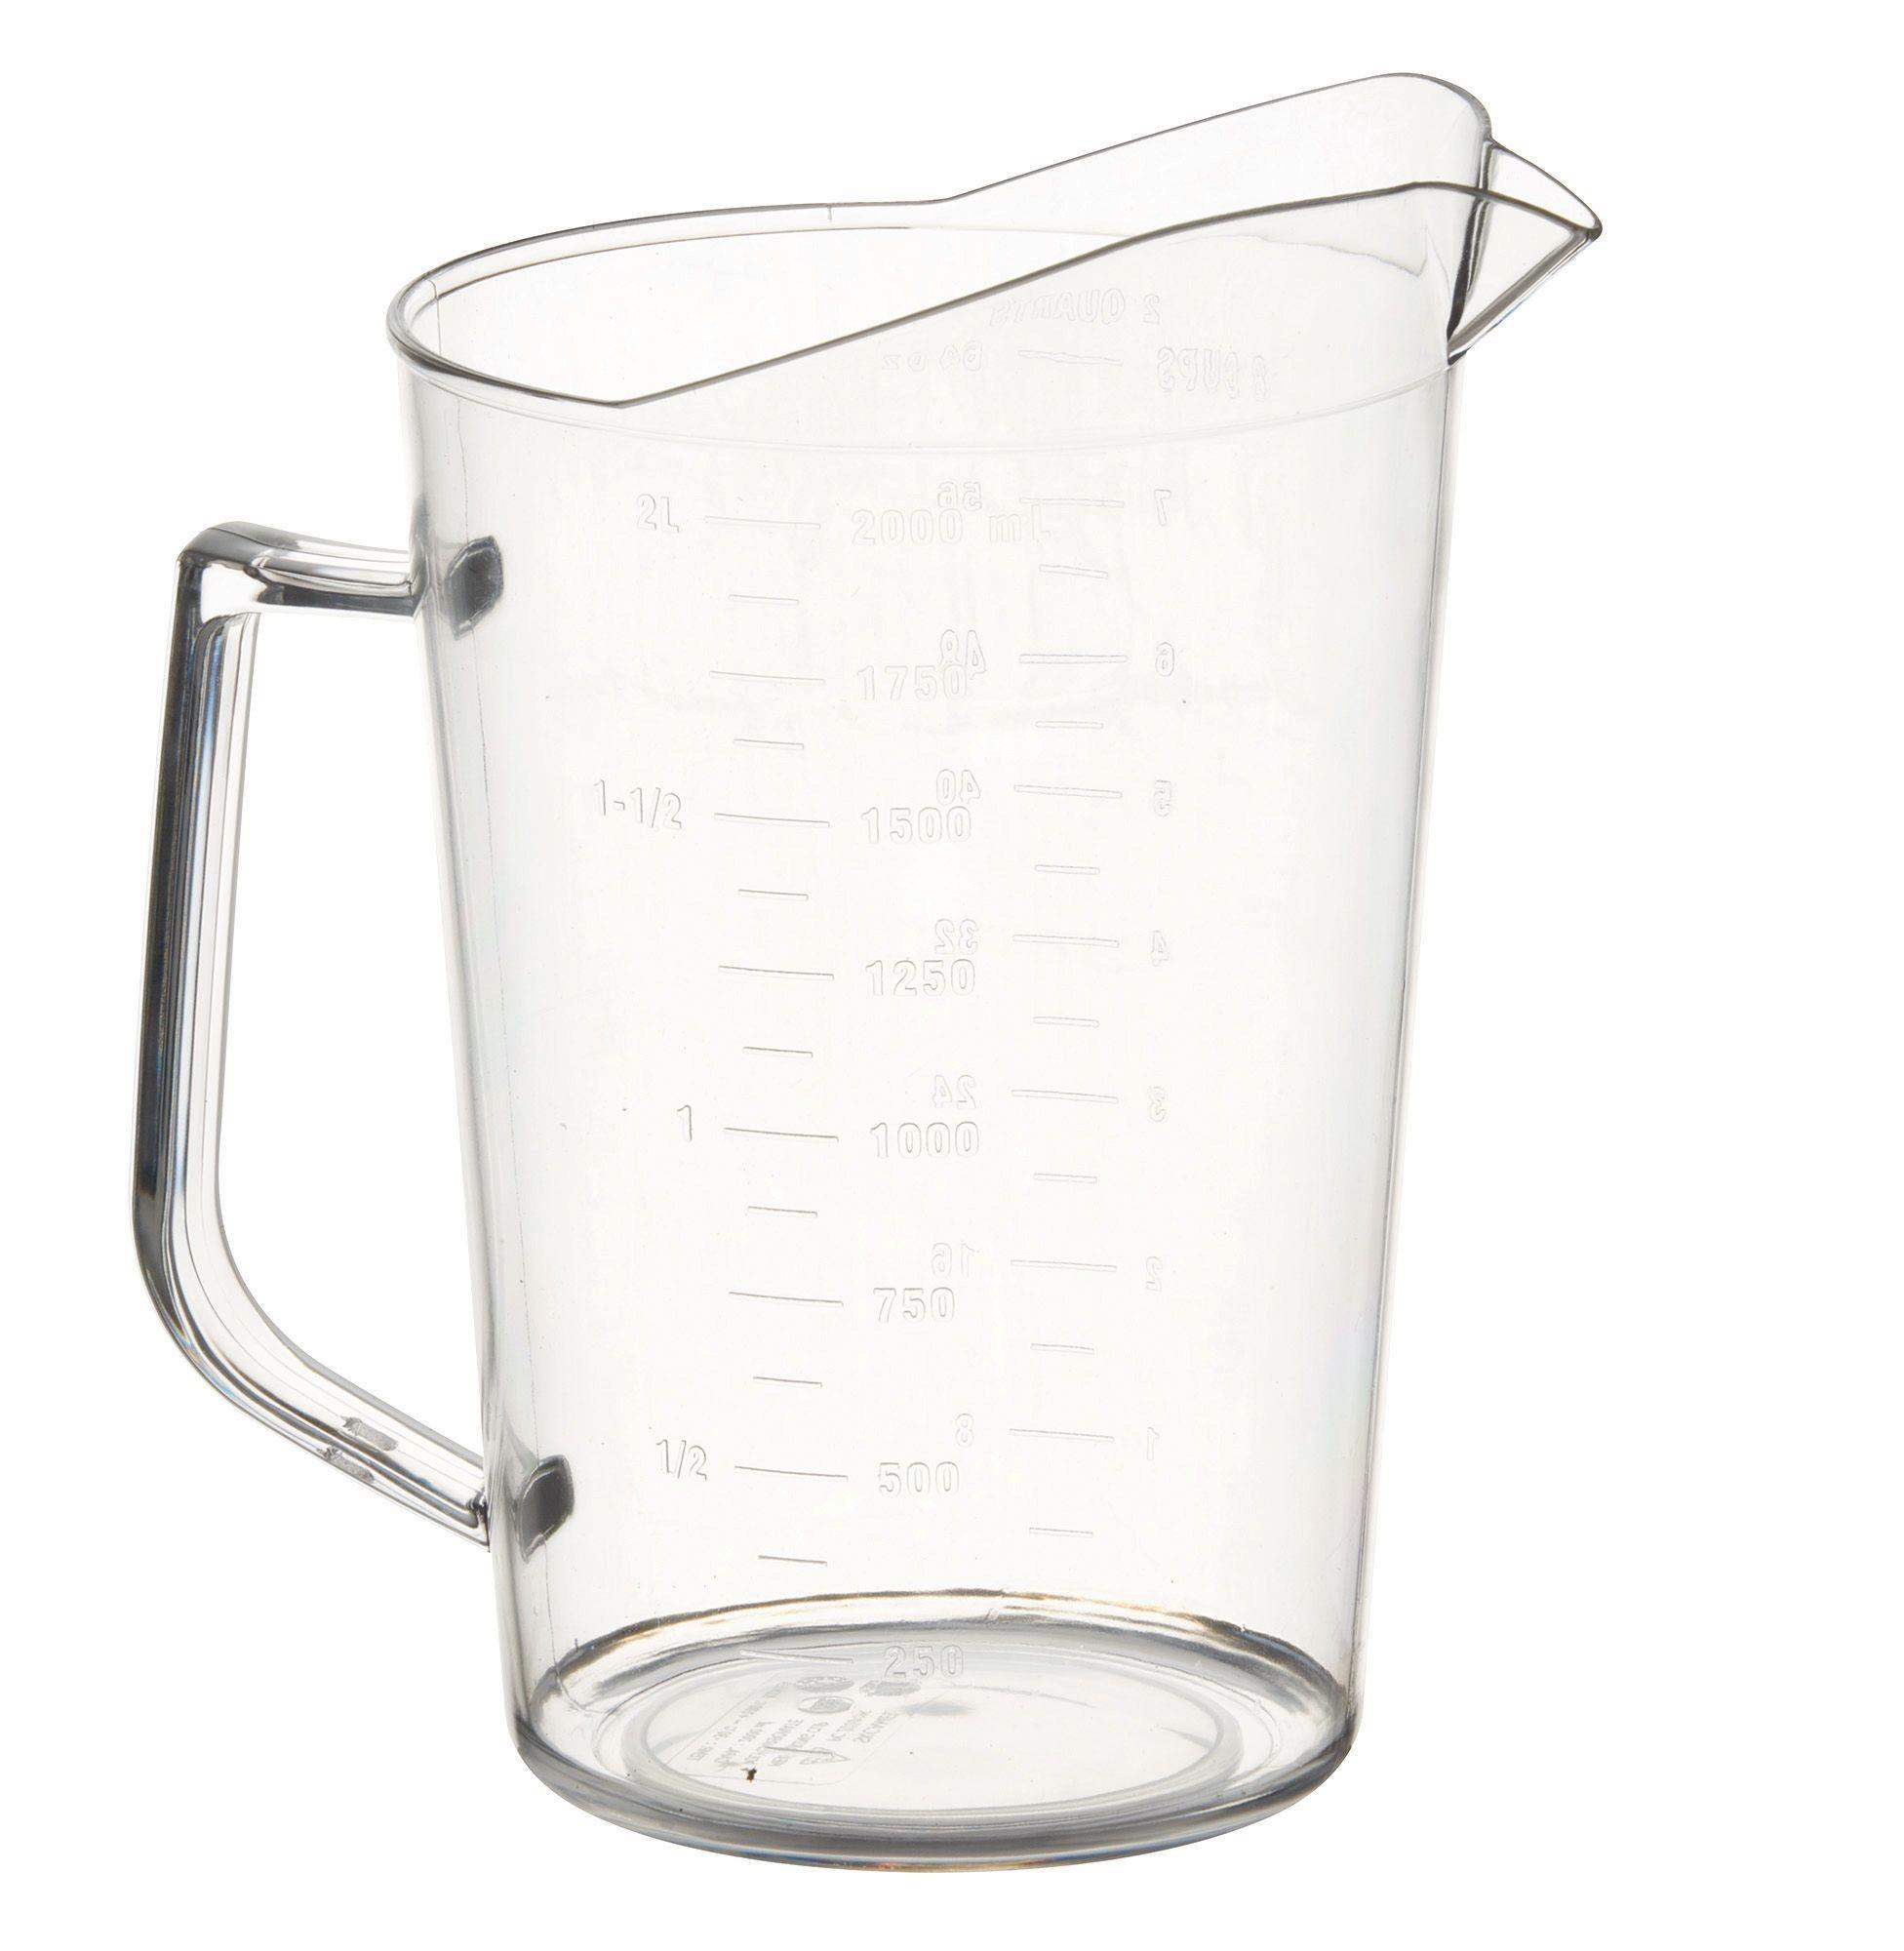 Polycarbonate 2 Quart Measuring Cup